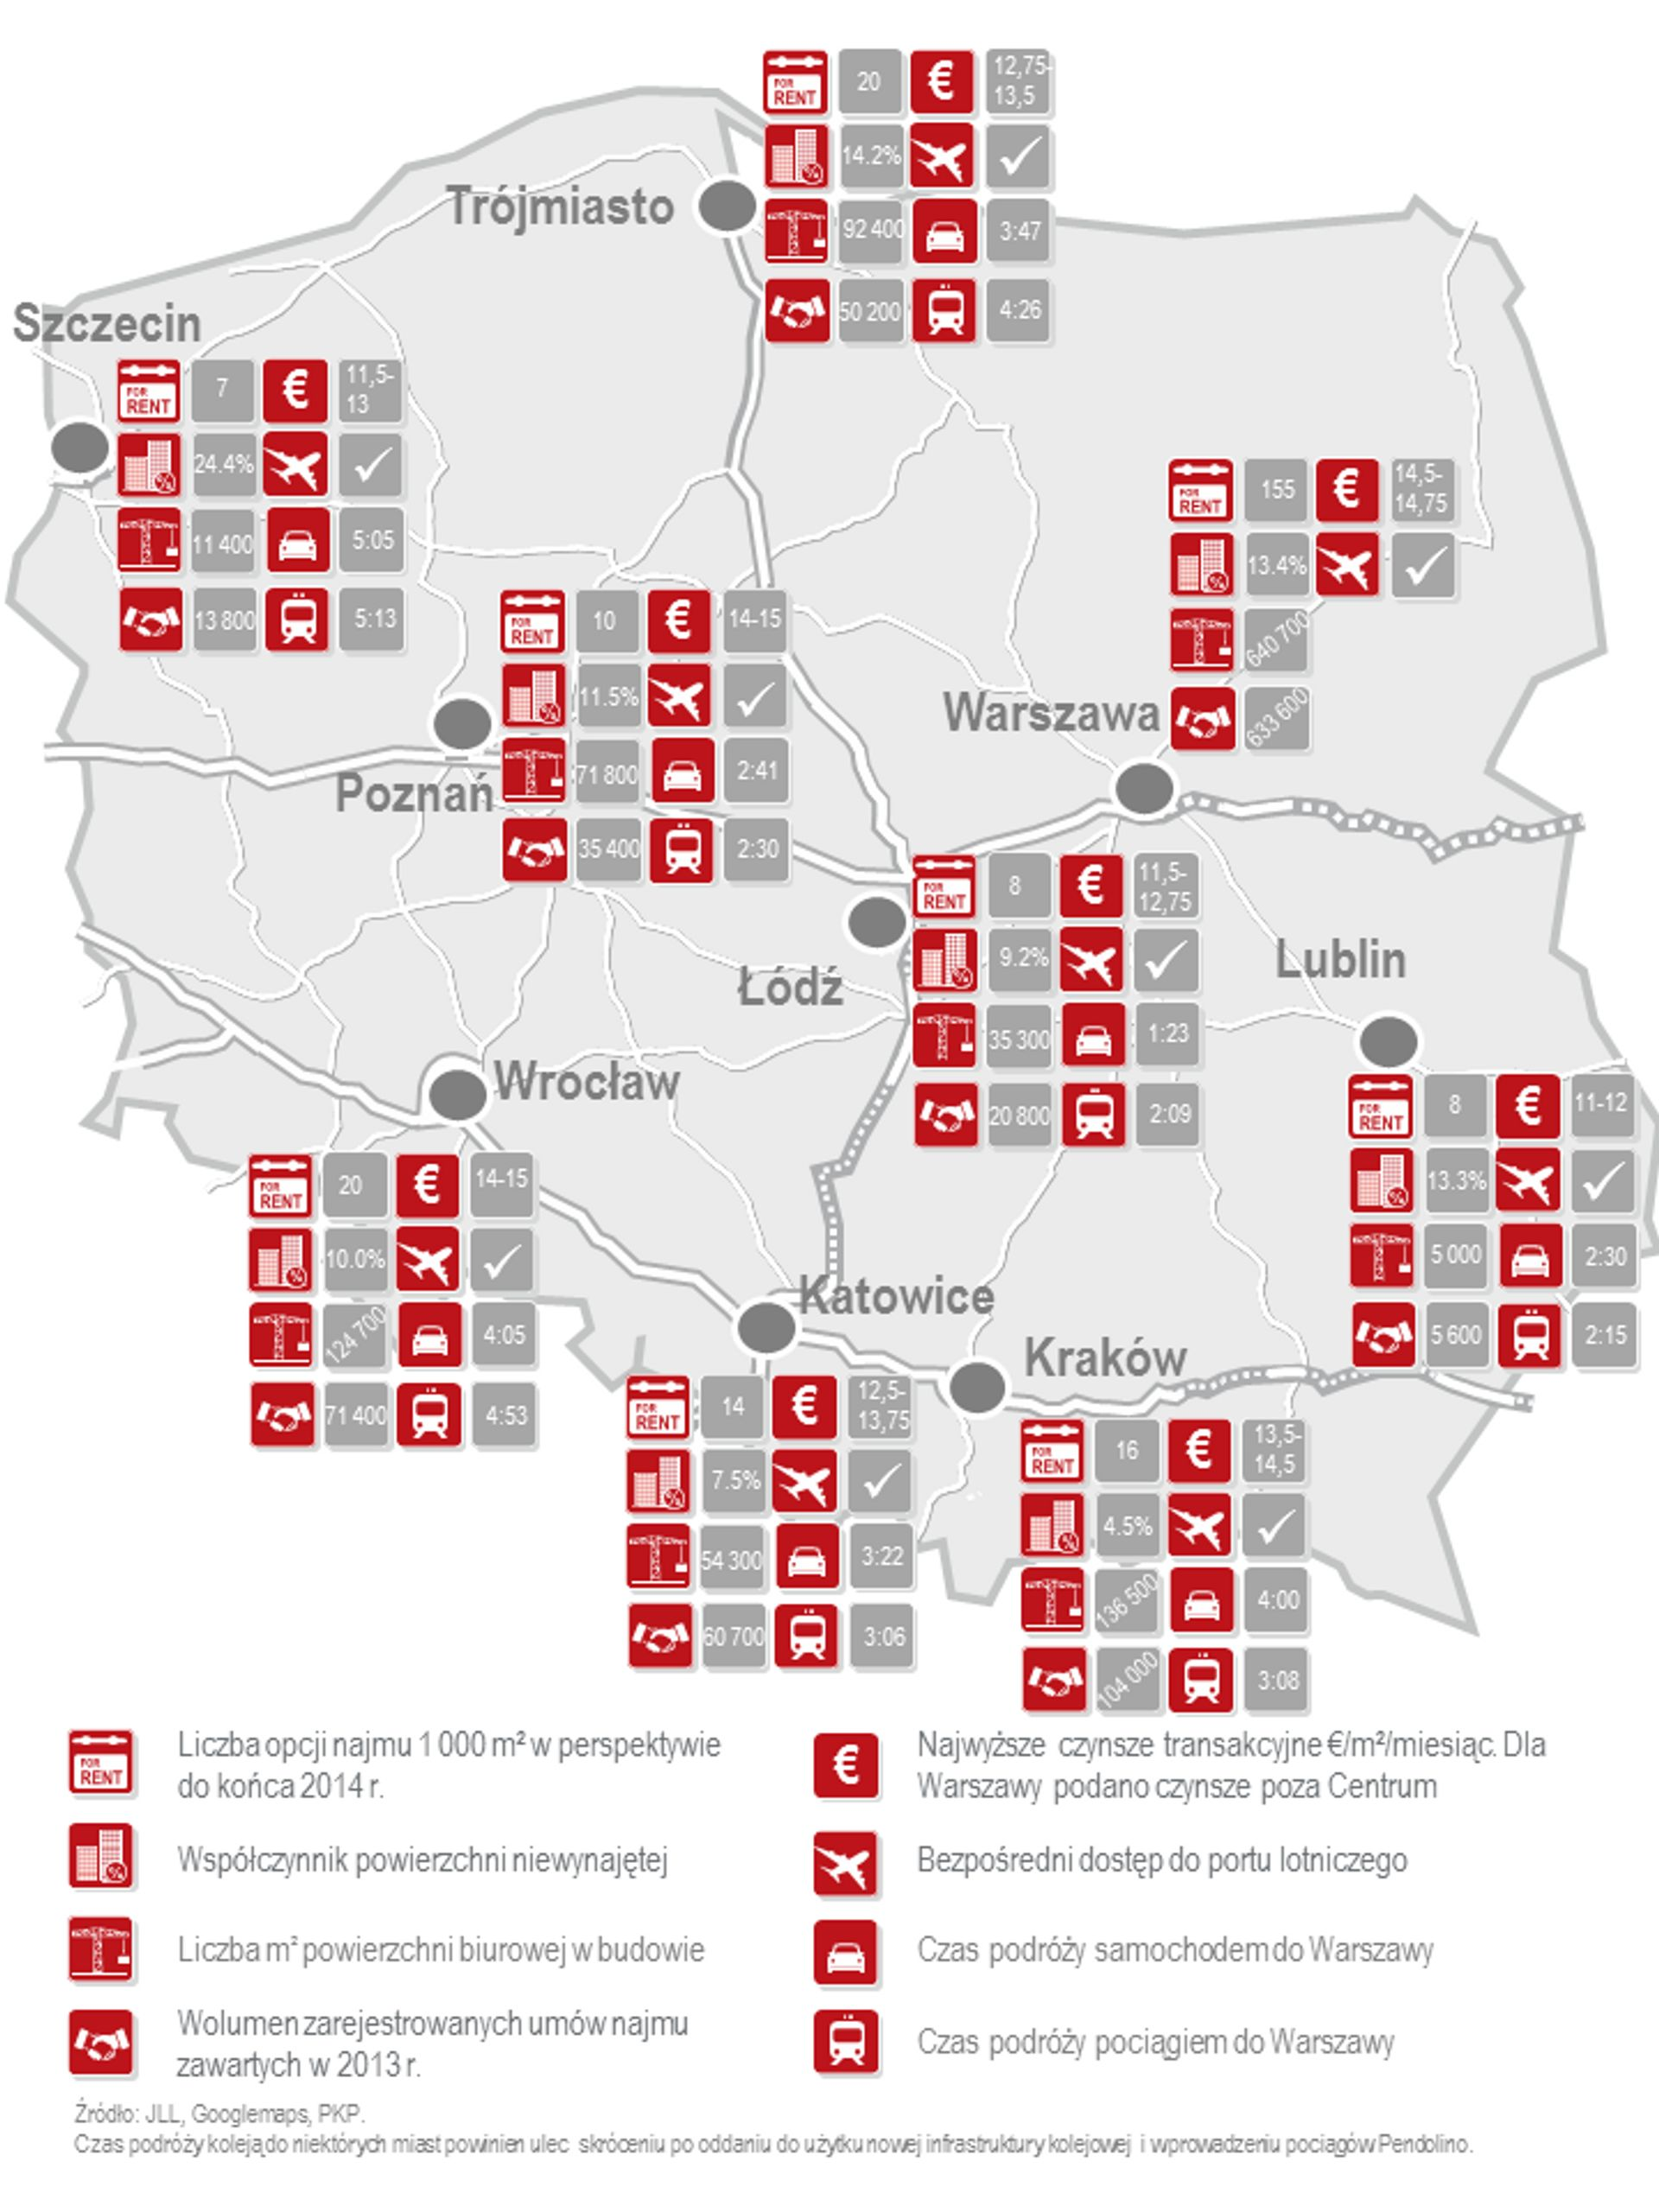 [Polska] Polski rynek biurowy gotowy na dynamiczny rozwój sektora usług dla biznesu